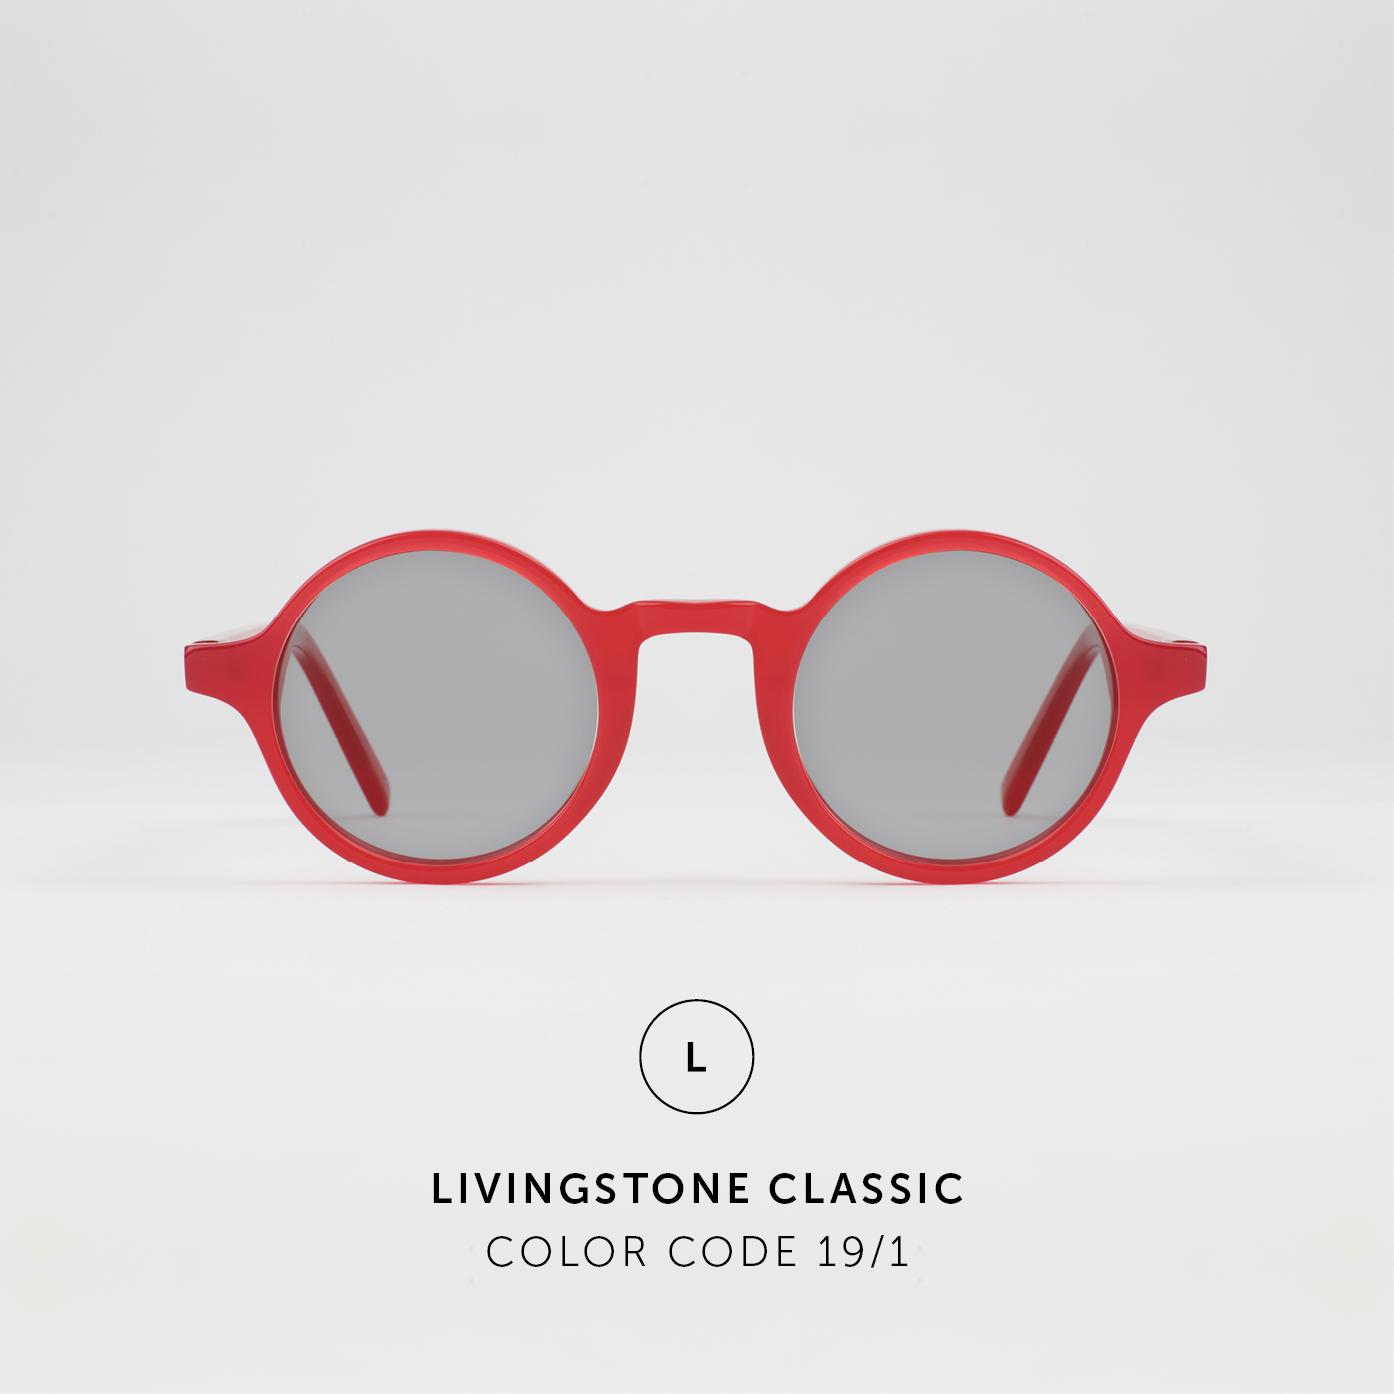 LivingstoneClassic60.jpg